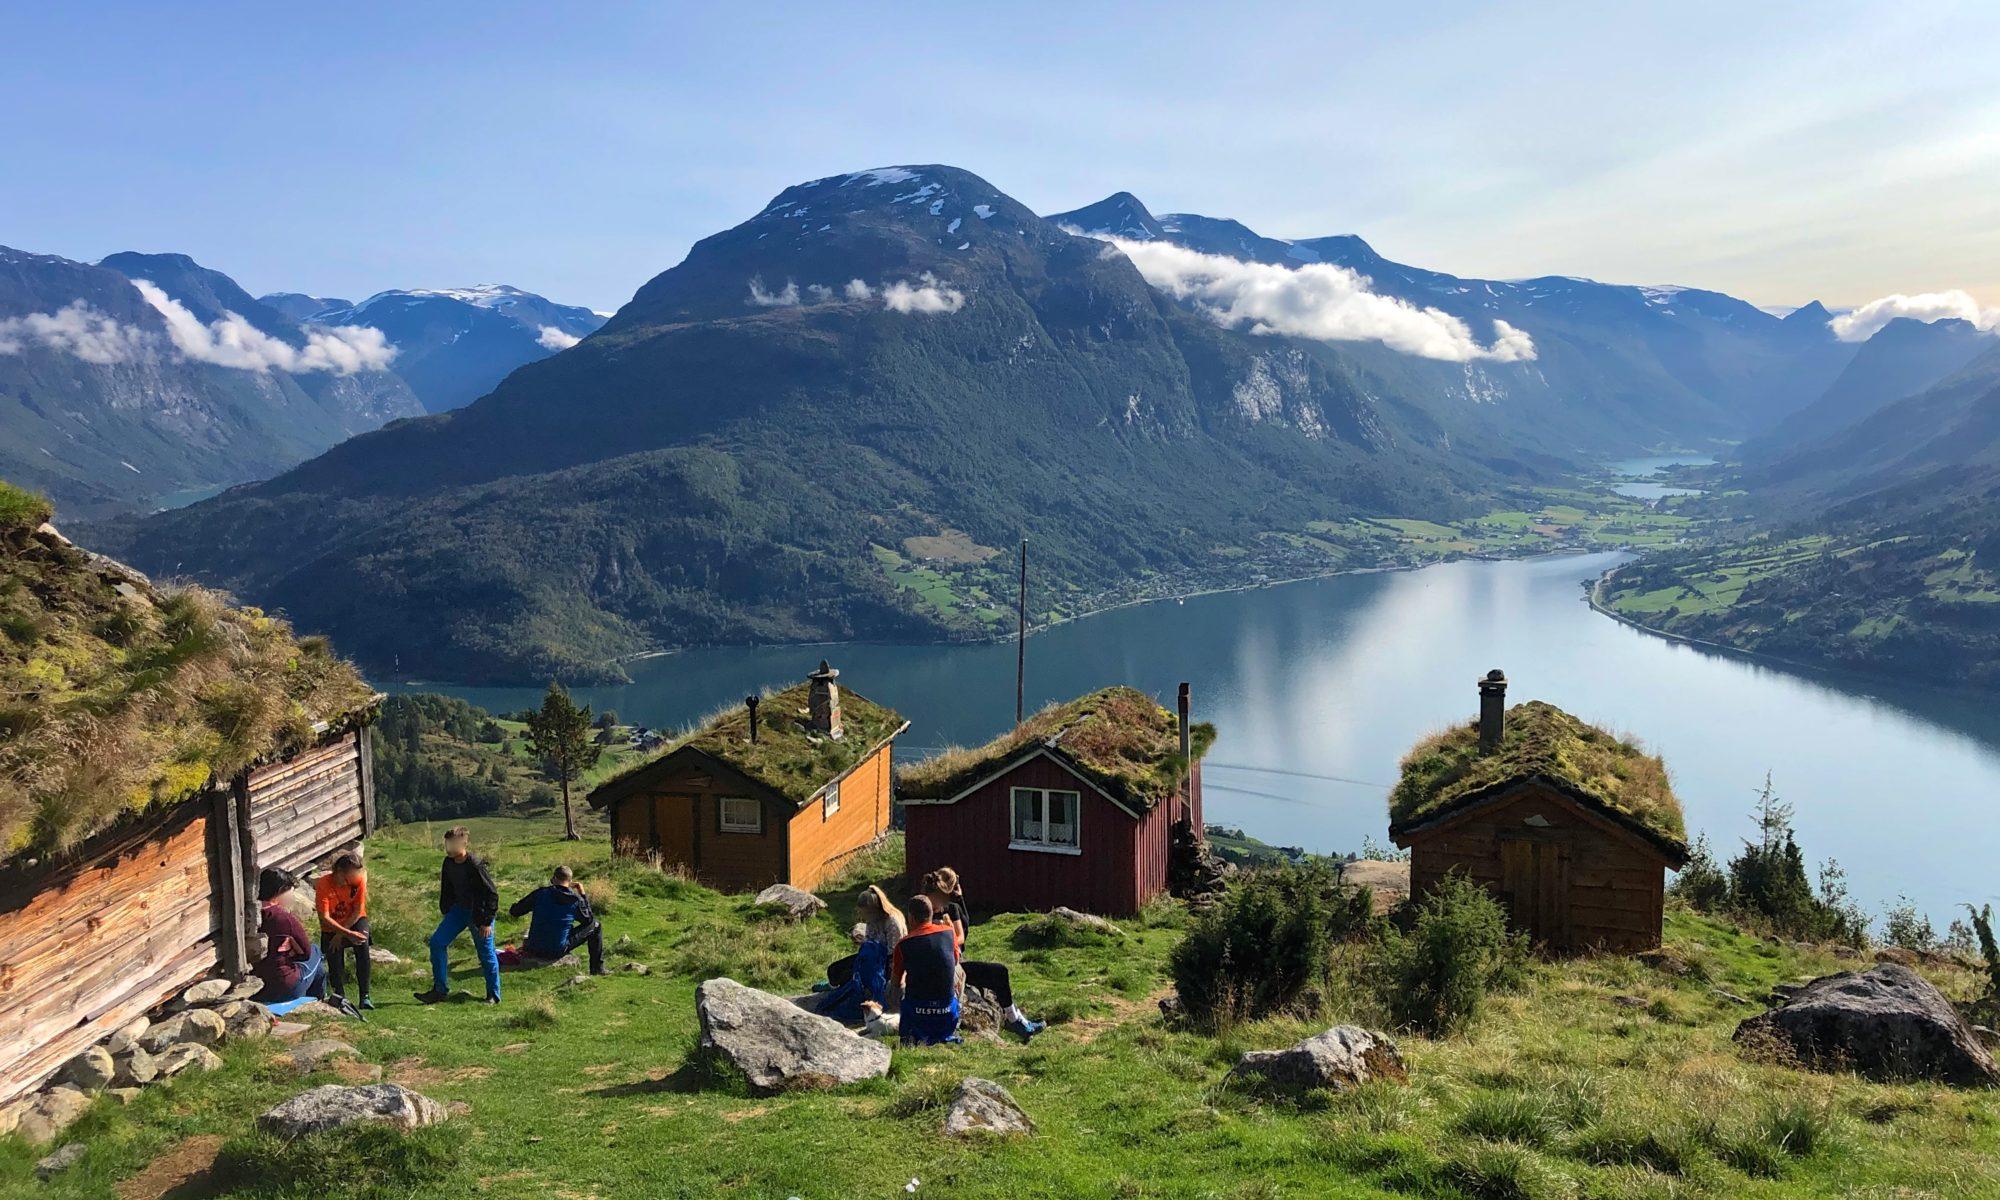 FJORDS NORWAY - Rakssetra in Loen, Stryn in Nordfjord, Norway. Photo: Eirik Heen